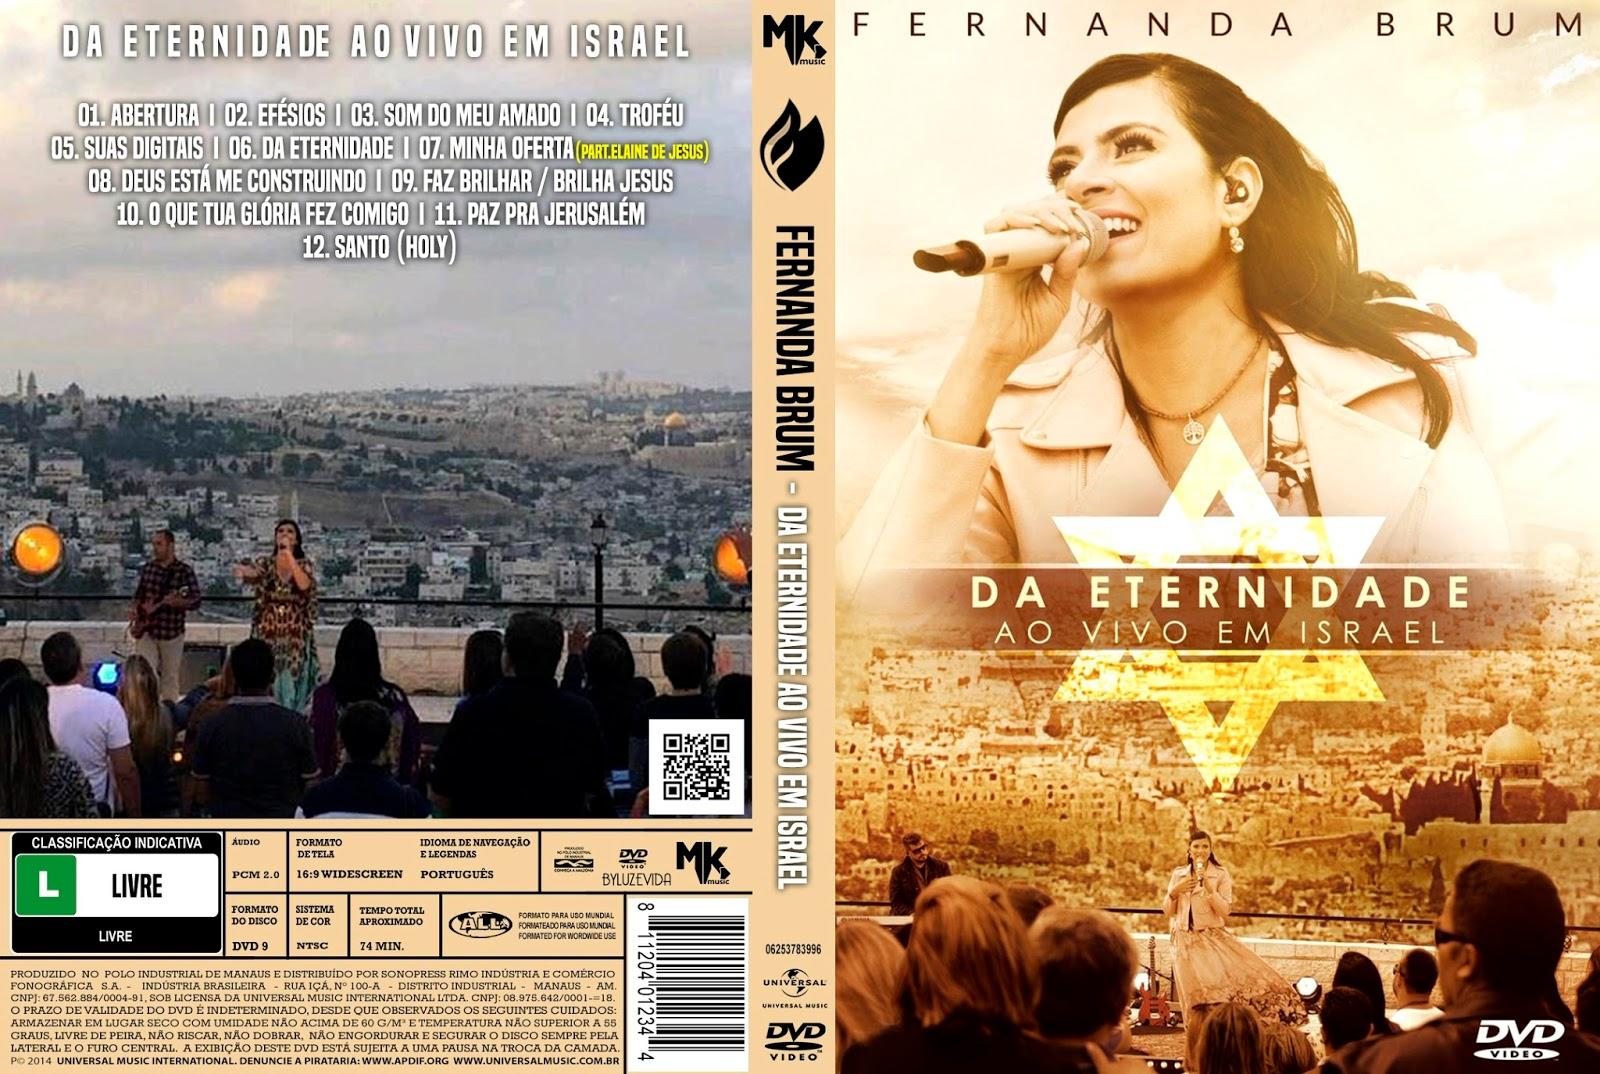 Download Fernanda Brum Da Eternidade Ao Vivo em Israel DVDRip 2016 Download Fernanda Brum Da Eternidade Ao Vivo em Israel DVDRip 2016 Fernanda 2BBrum 2B 25E2 2580 2593 2BDa 2BEternidade 2BAo 2BVivo 2BEm 2BIsrael 2B 25282016 2529 2BDVD R 2BOFICIAL 2B  2BXANDAODOWNLOAD